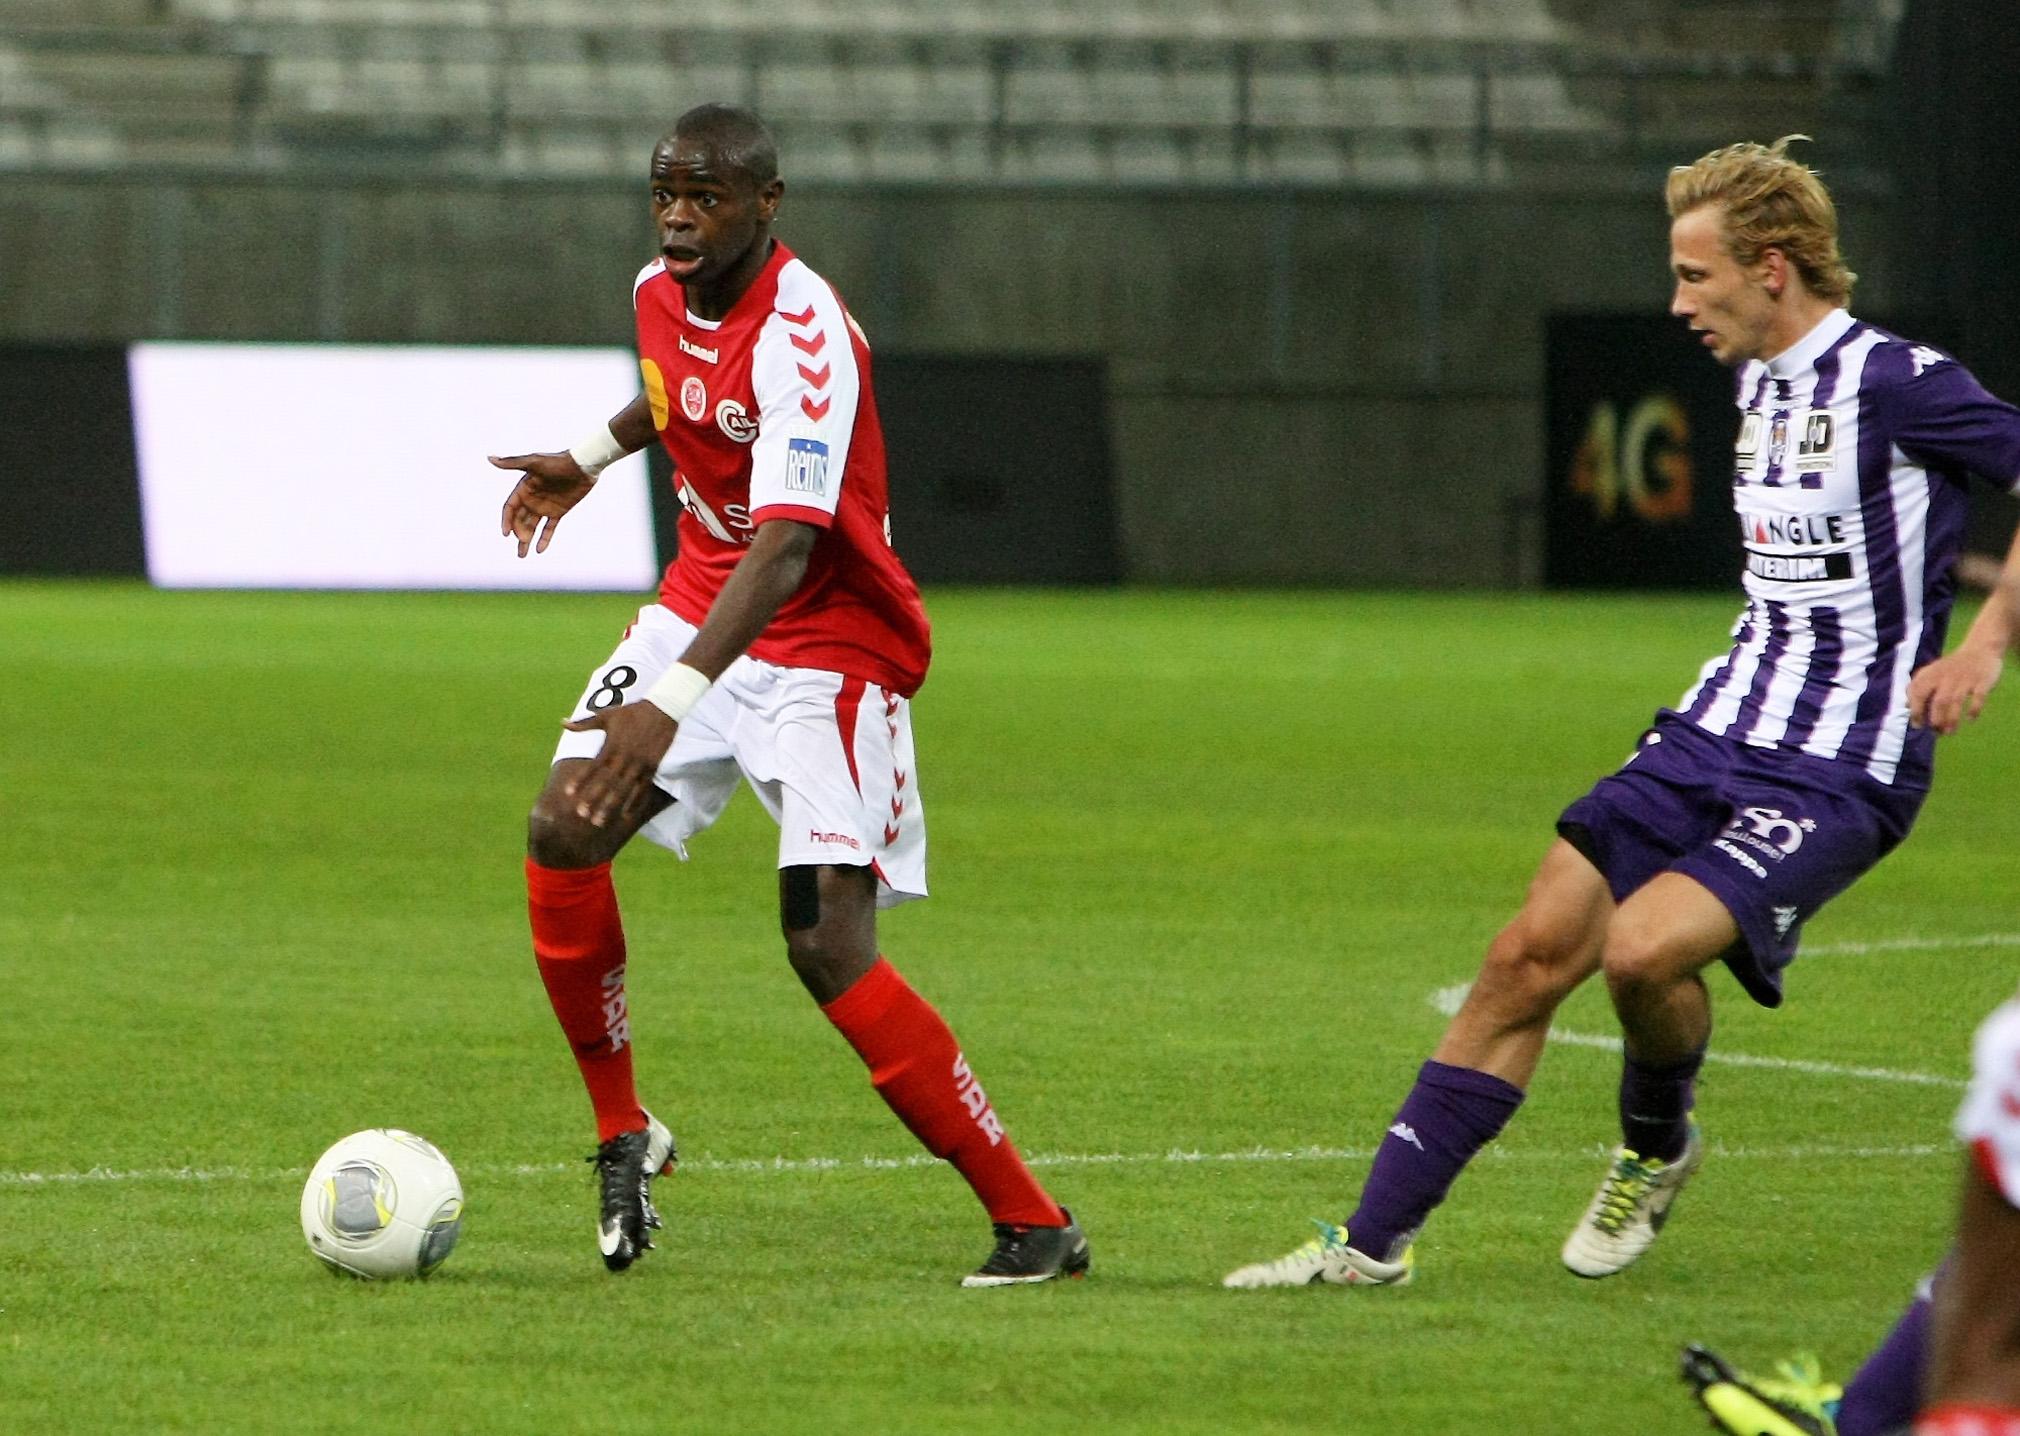 FOOT/CHAMPIONNAT DE LIGUE 1/ 10 EME JOURNEE STADE DE REIMS  /  TOULOUSE FC ONIANGUE